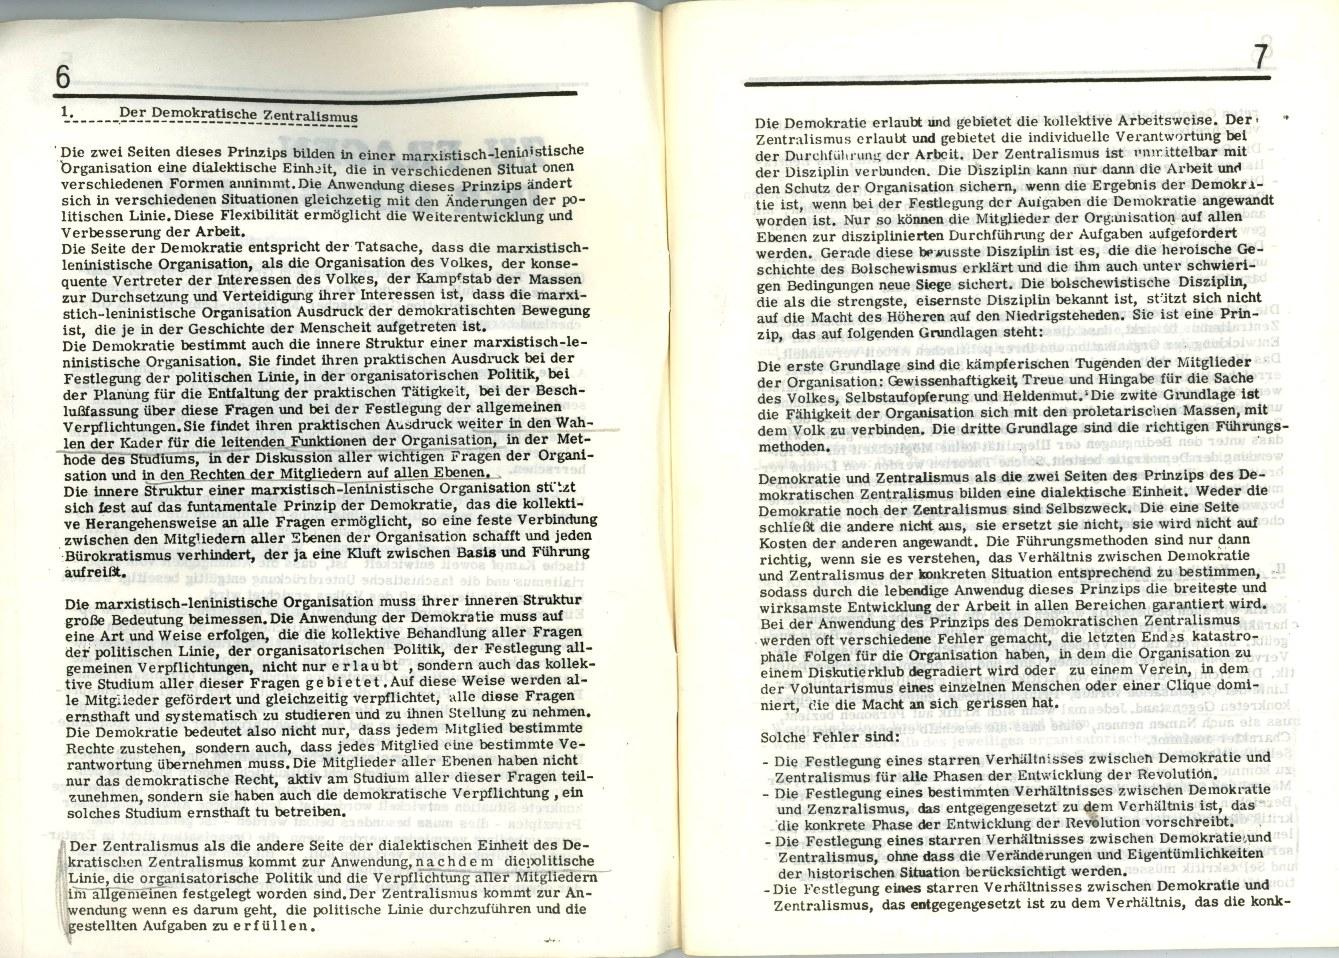 Griechenland_Griechische_ML_1971_Dokumente_01_04